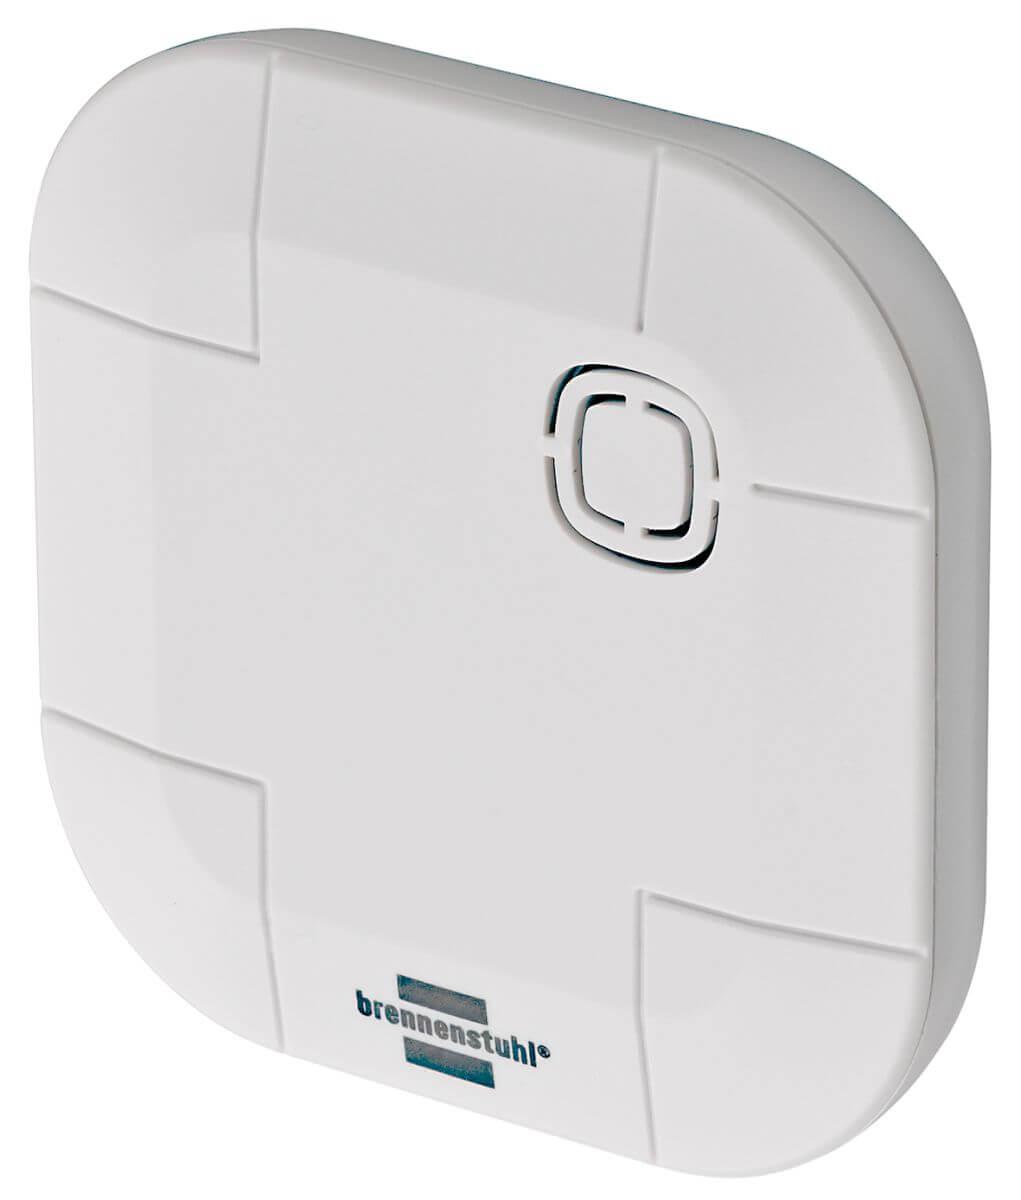 BrematicPro Funk-Wassermelder, Aufputz, Weiß (Brennenstuhl Smart Home) - Vermeiden von Wasserschäden